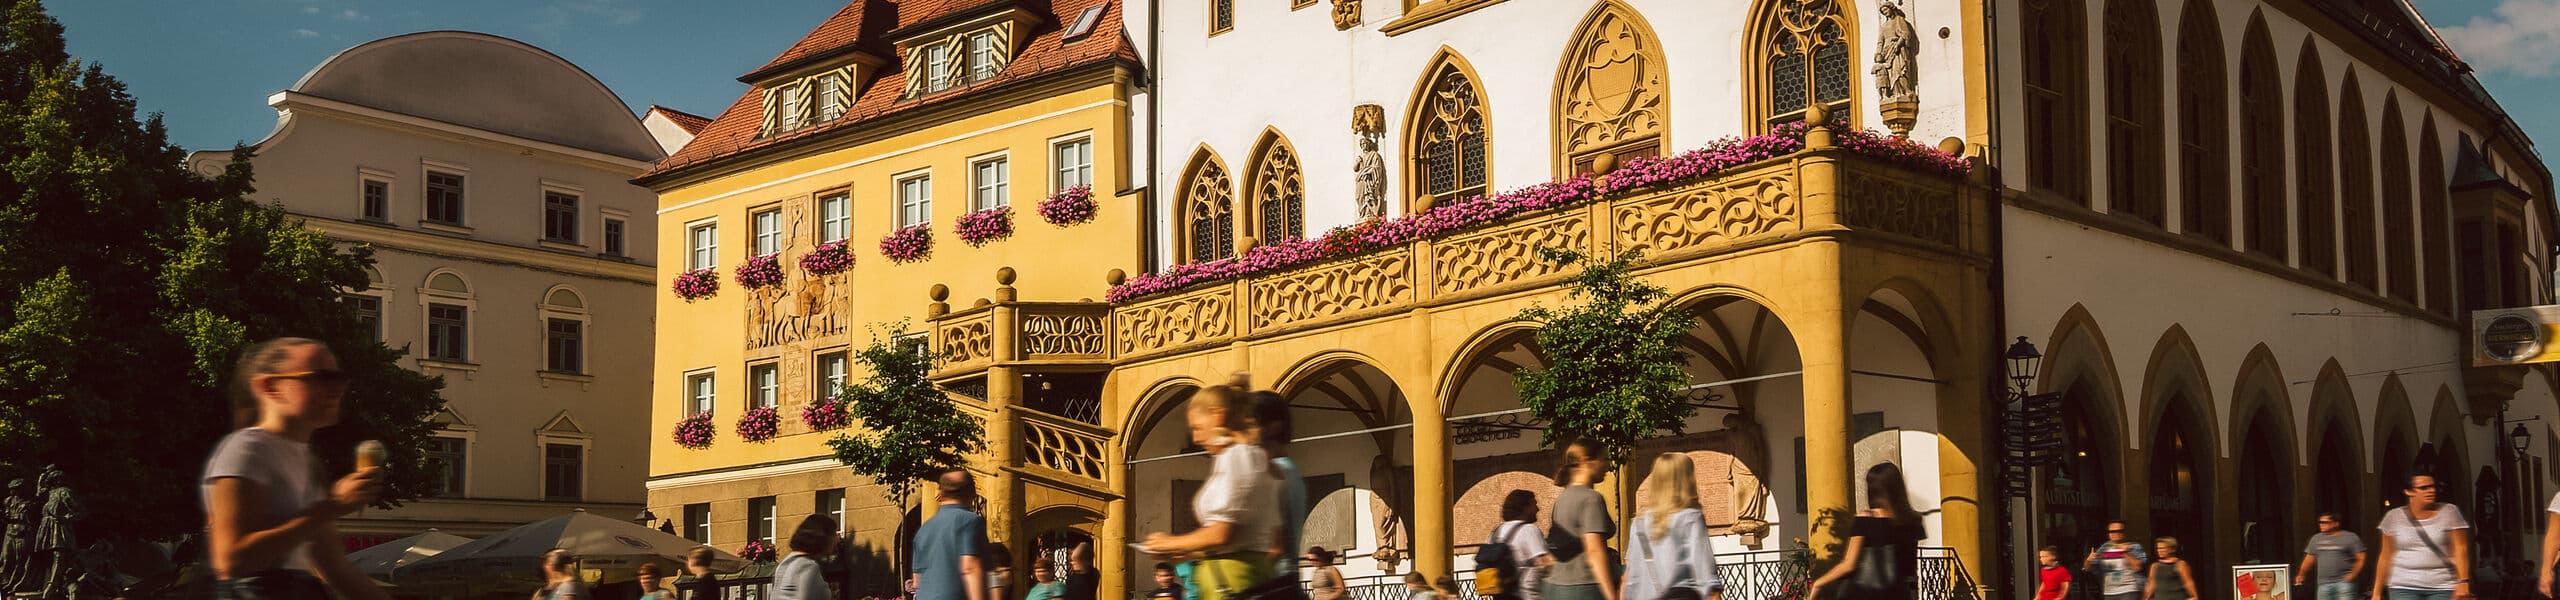 Marktplatz mit Blick auf das Amberger Rathaus